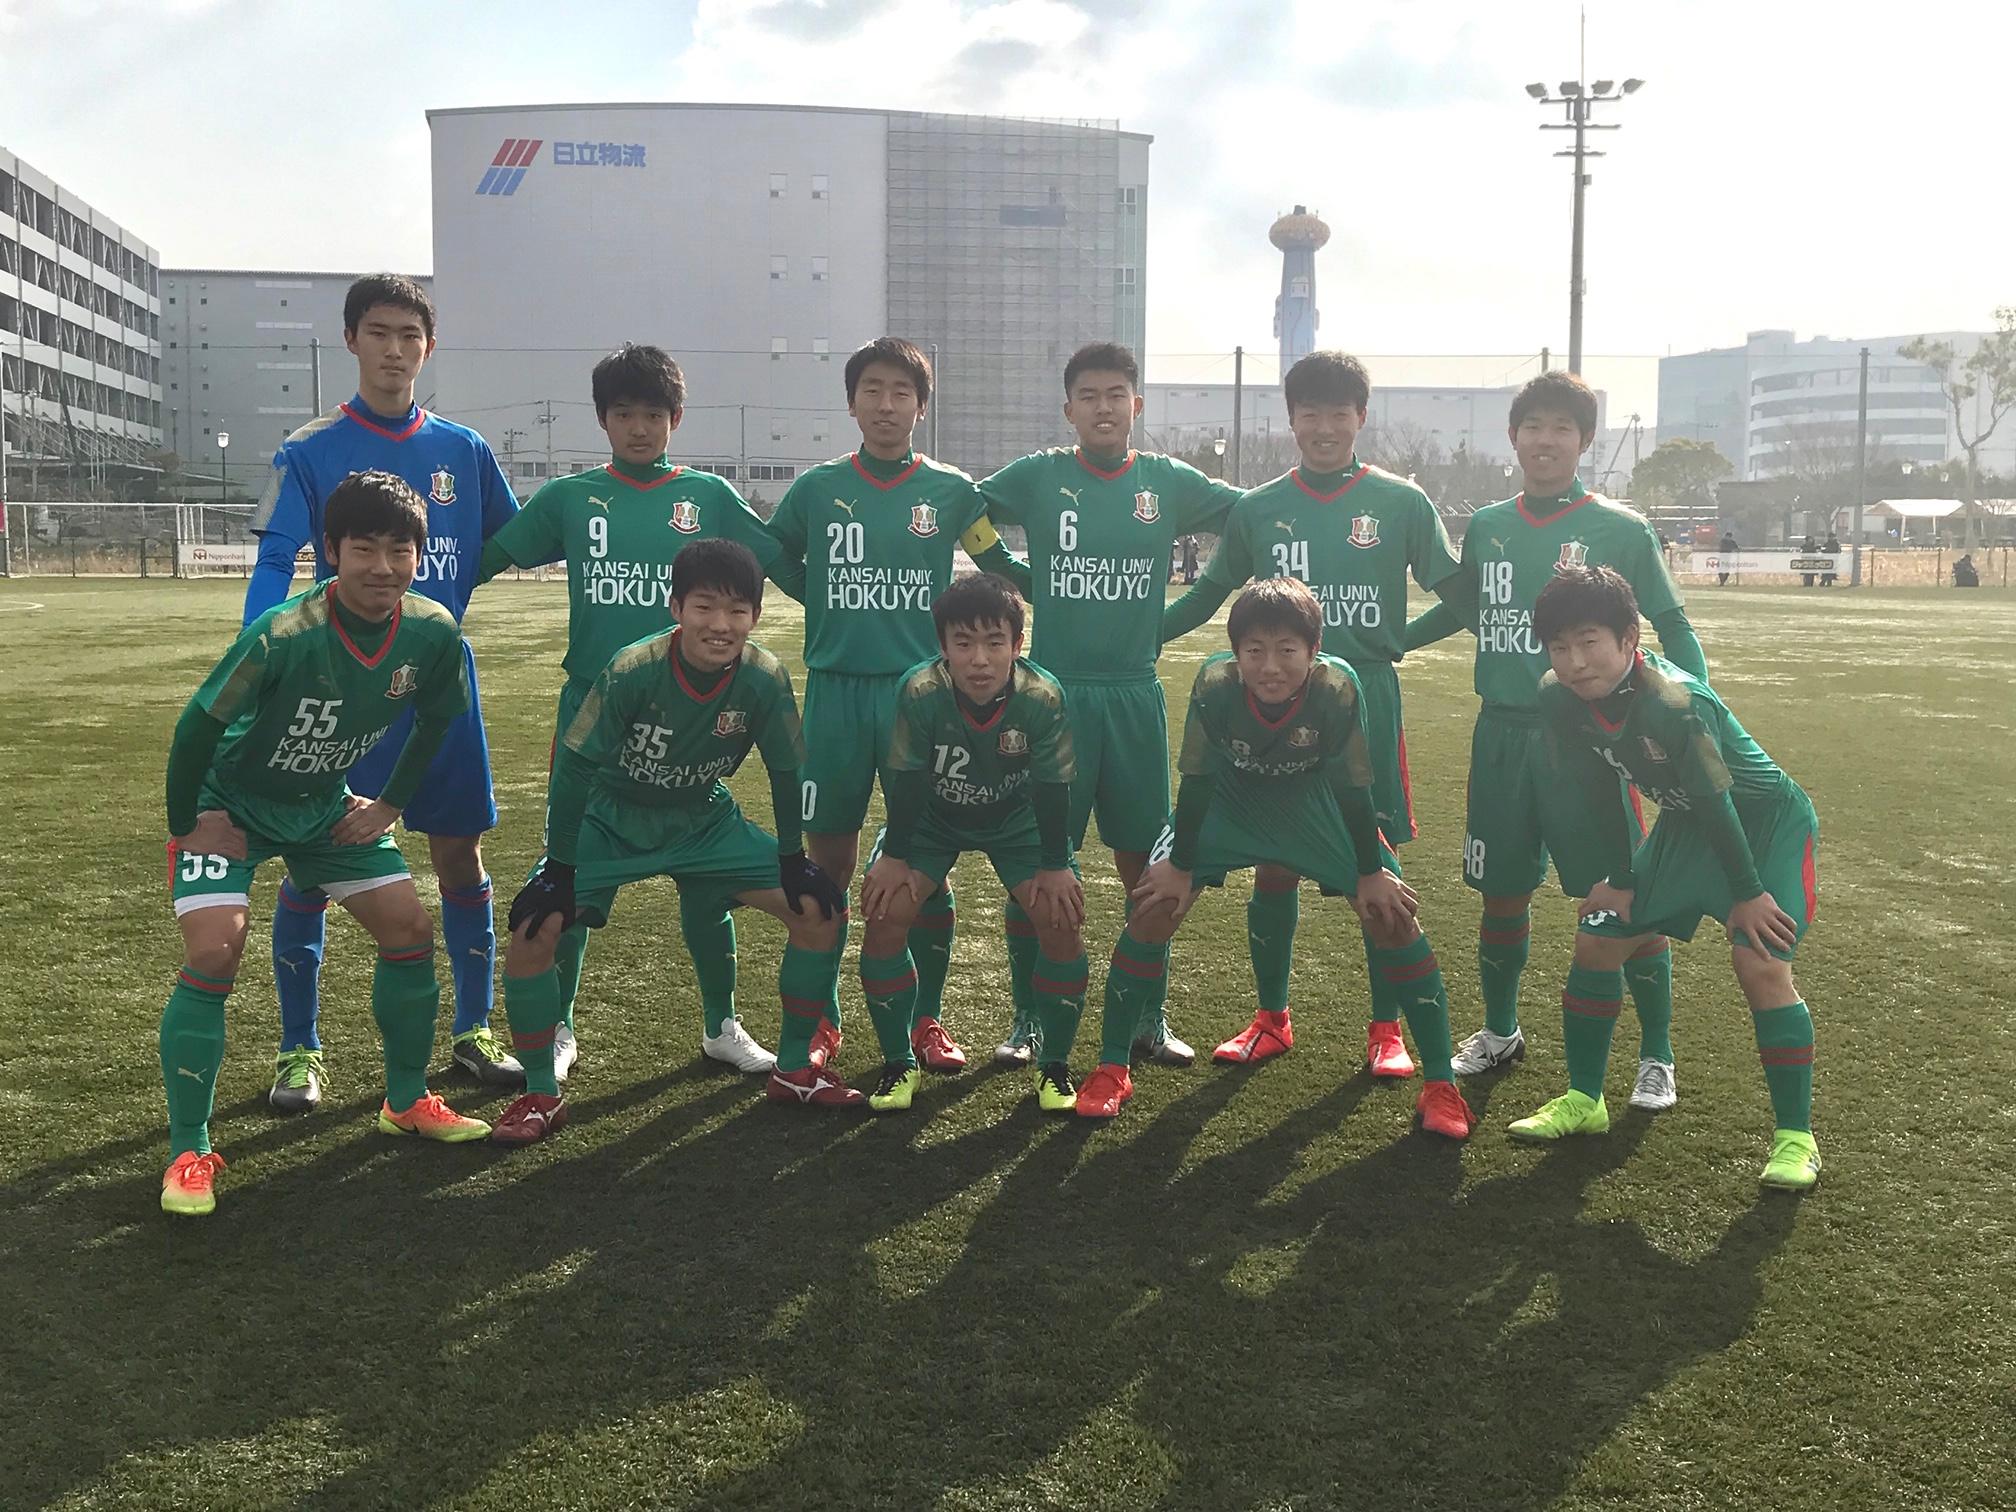 2部L④ B VS セレッソ大阪U-18B 〇1-0